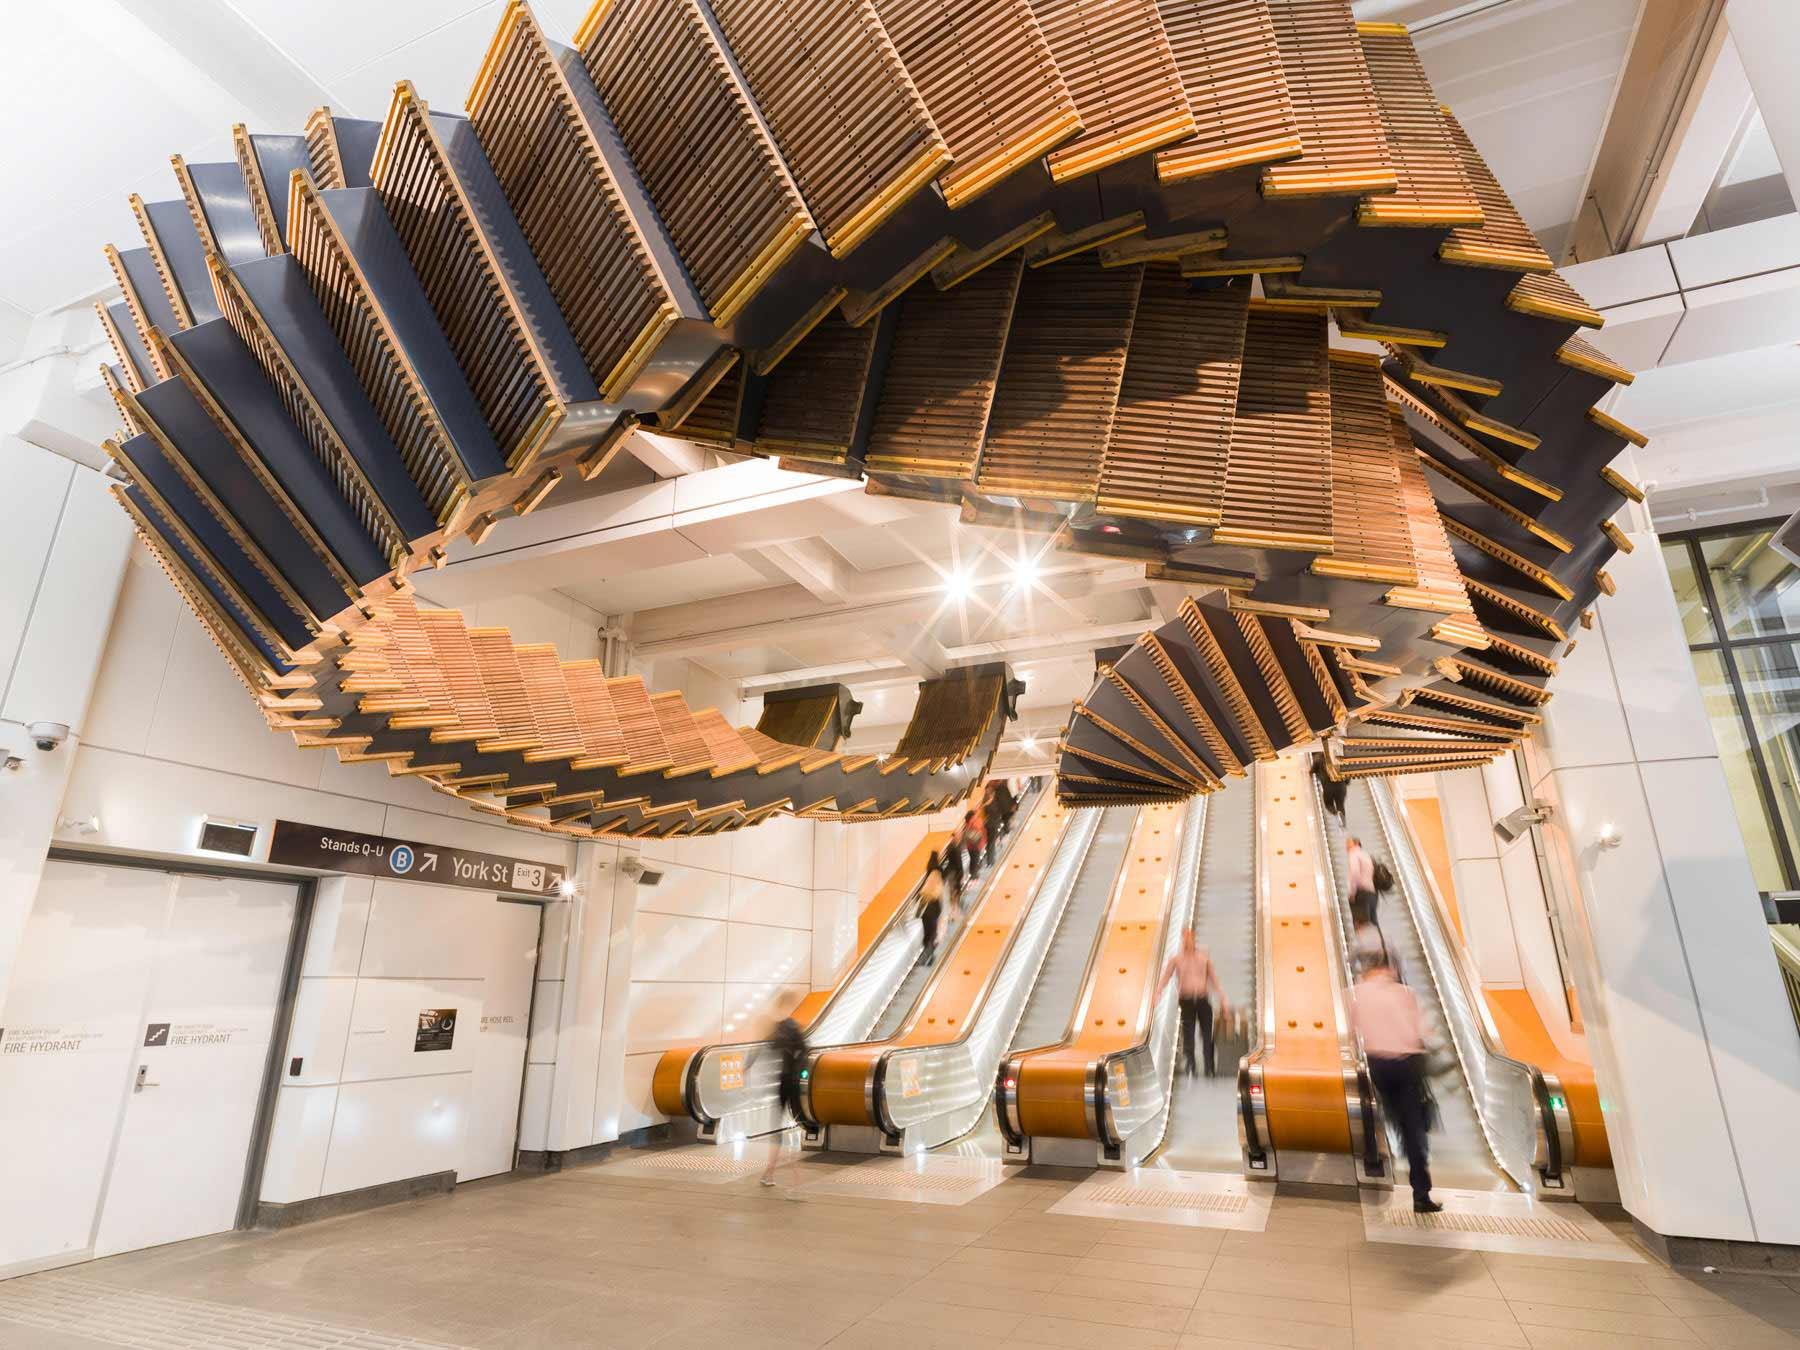 Deckenskulptur aus 80 Jahre alten Holzrolltreppen interloop-Chris-Fox_06